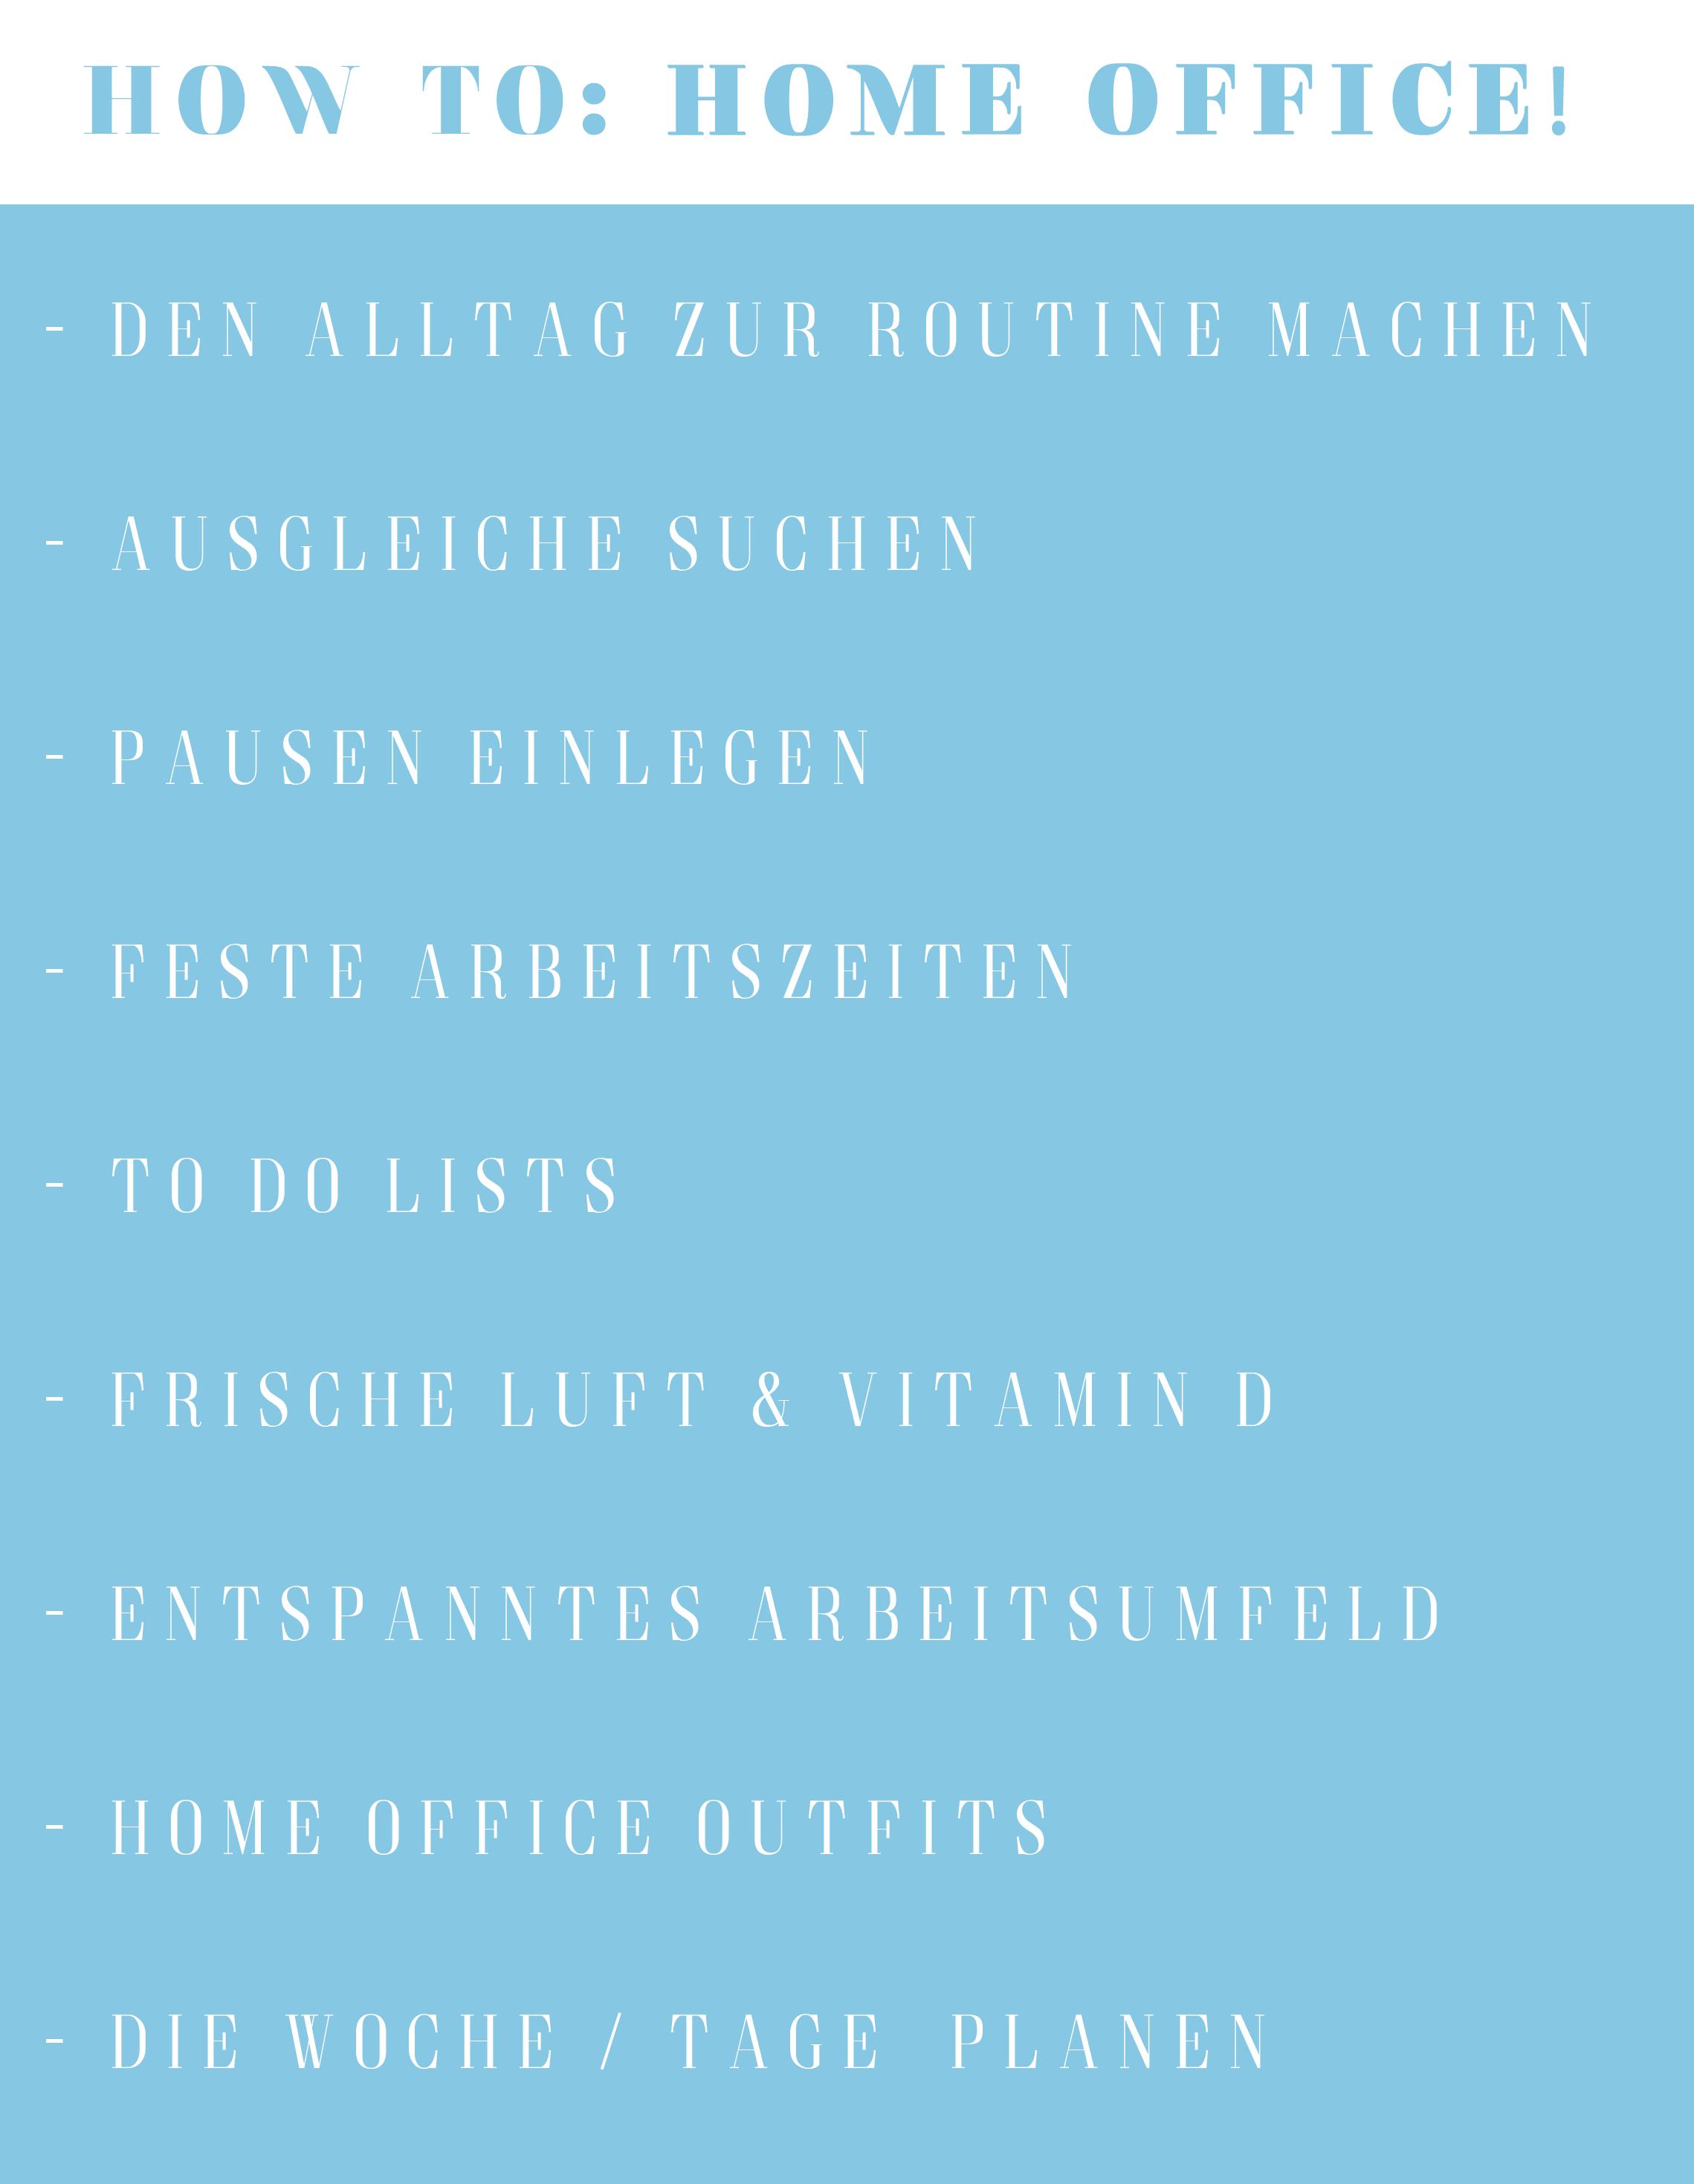 Home Office Lauralamode Tipps Für Das Home Office Home Work Routinen Alltag Routinen Im Home Office Work Selbstständig Arbeit Berlin Lifestyle Blogger Fashionblogger Outfits Fitnessblogger Deutschland